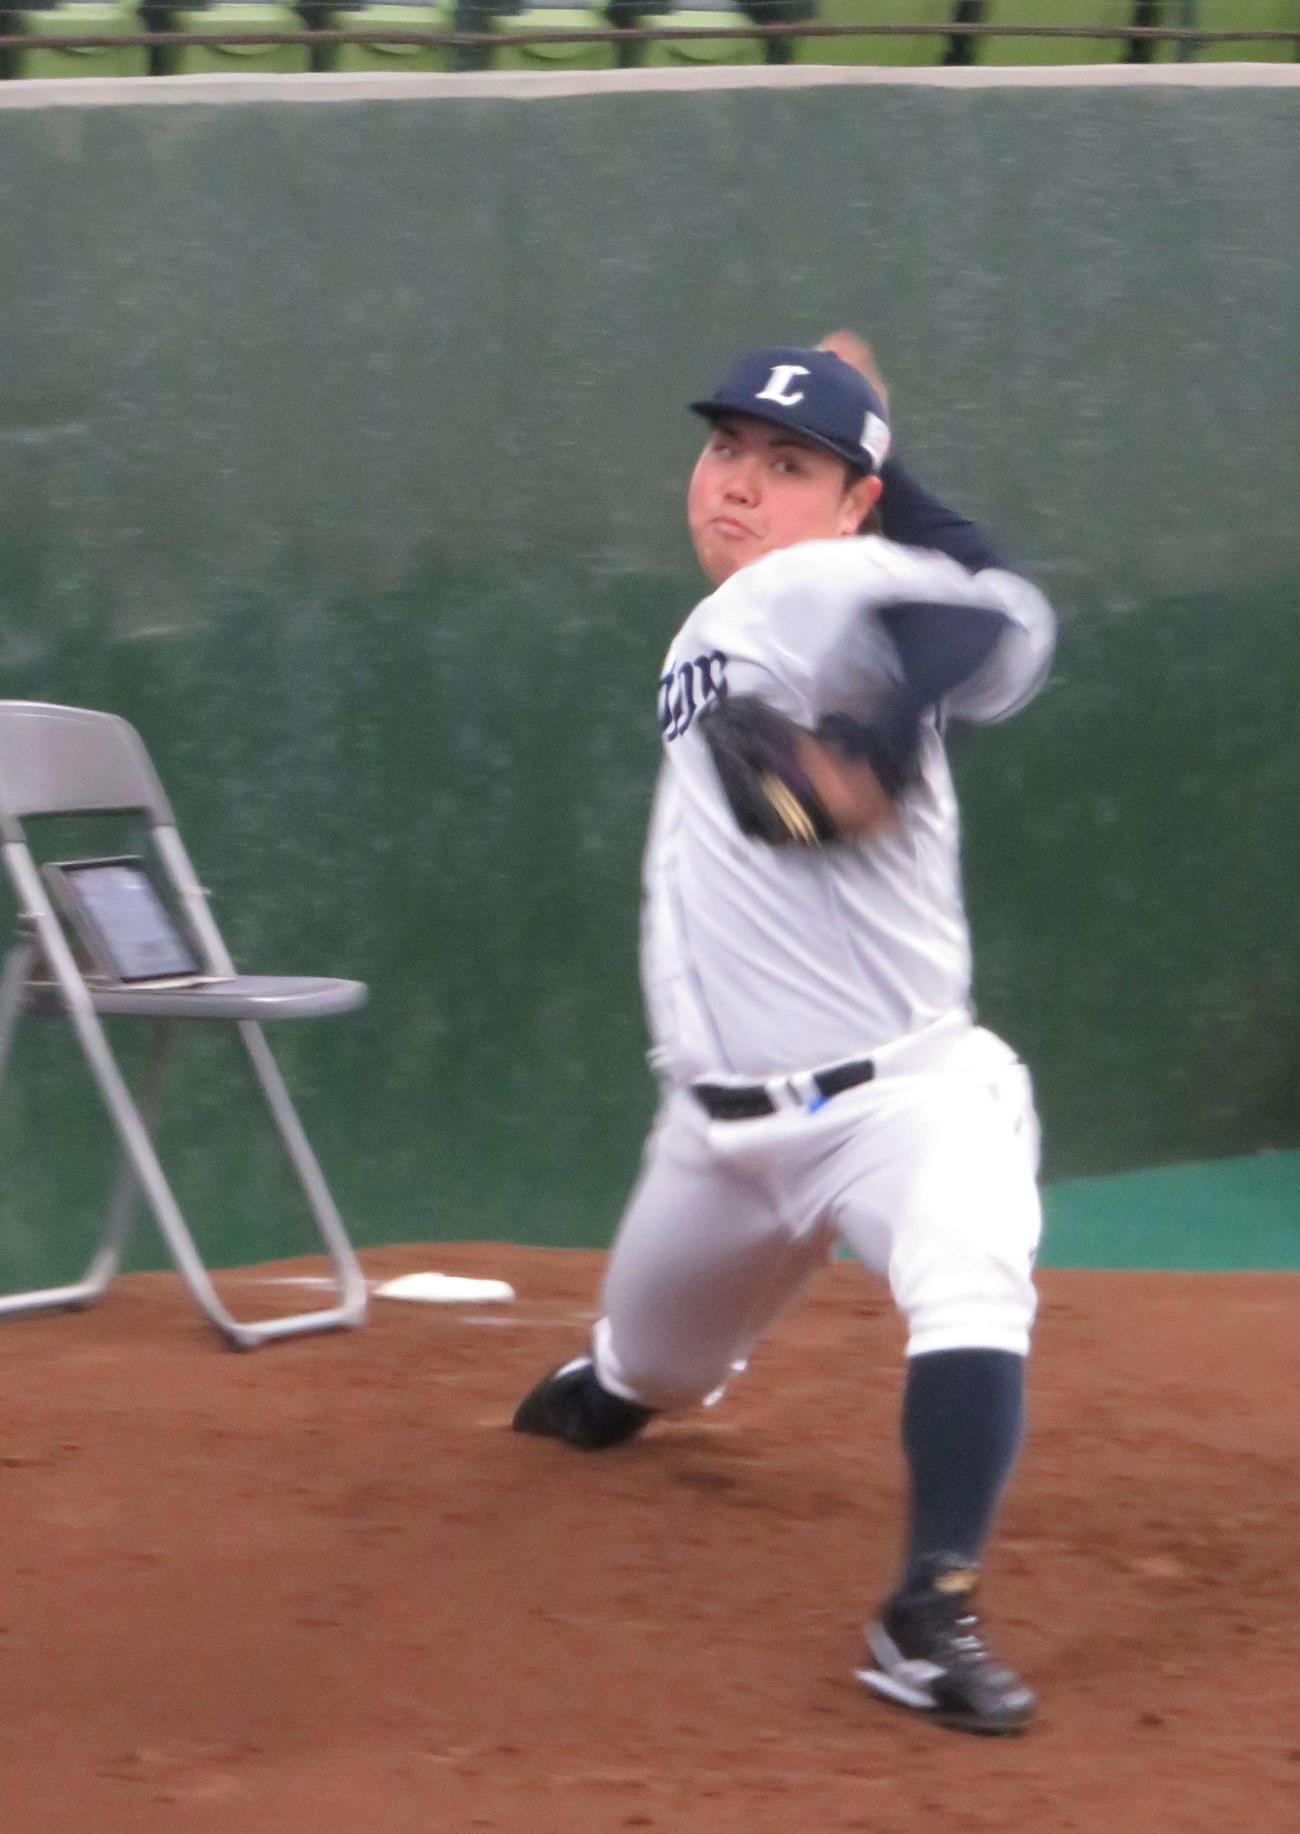 ブルペン投球する西武平良(撮影・栗田成芳)